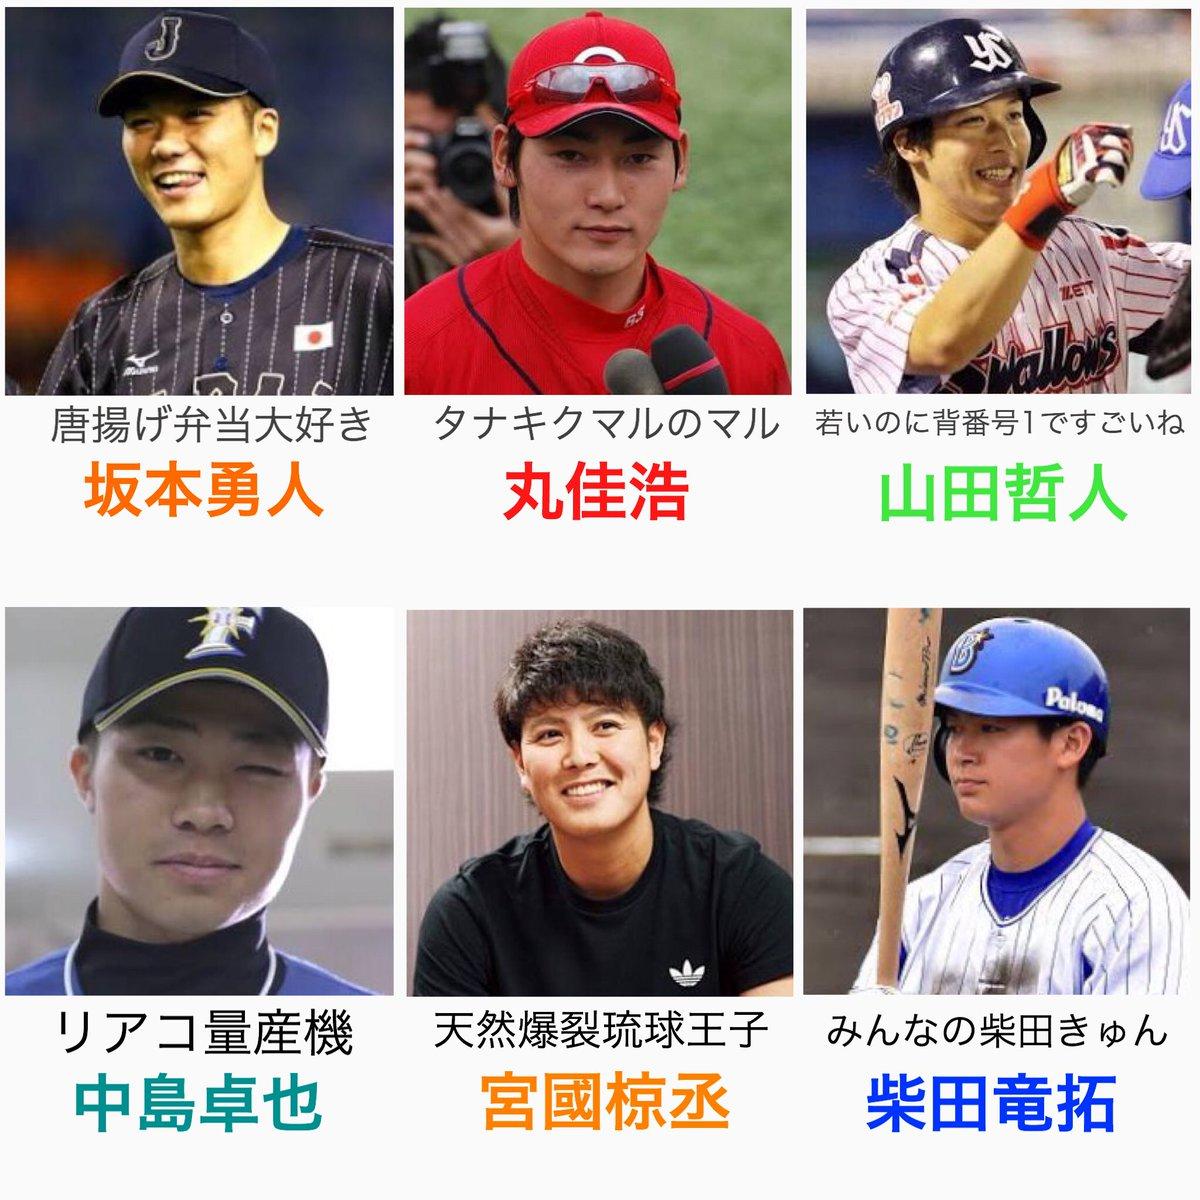 選手 イケメン 野球 プロ